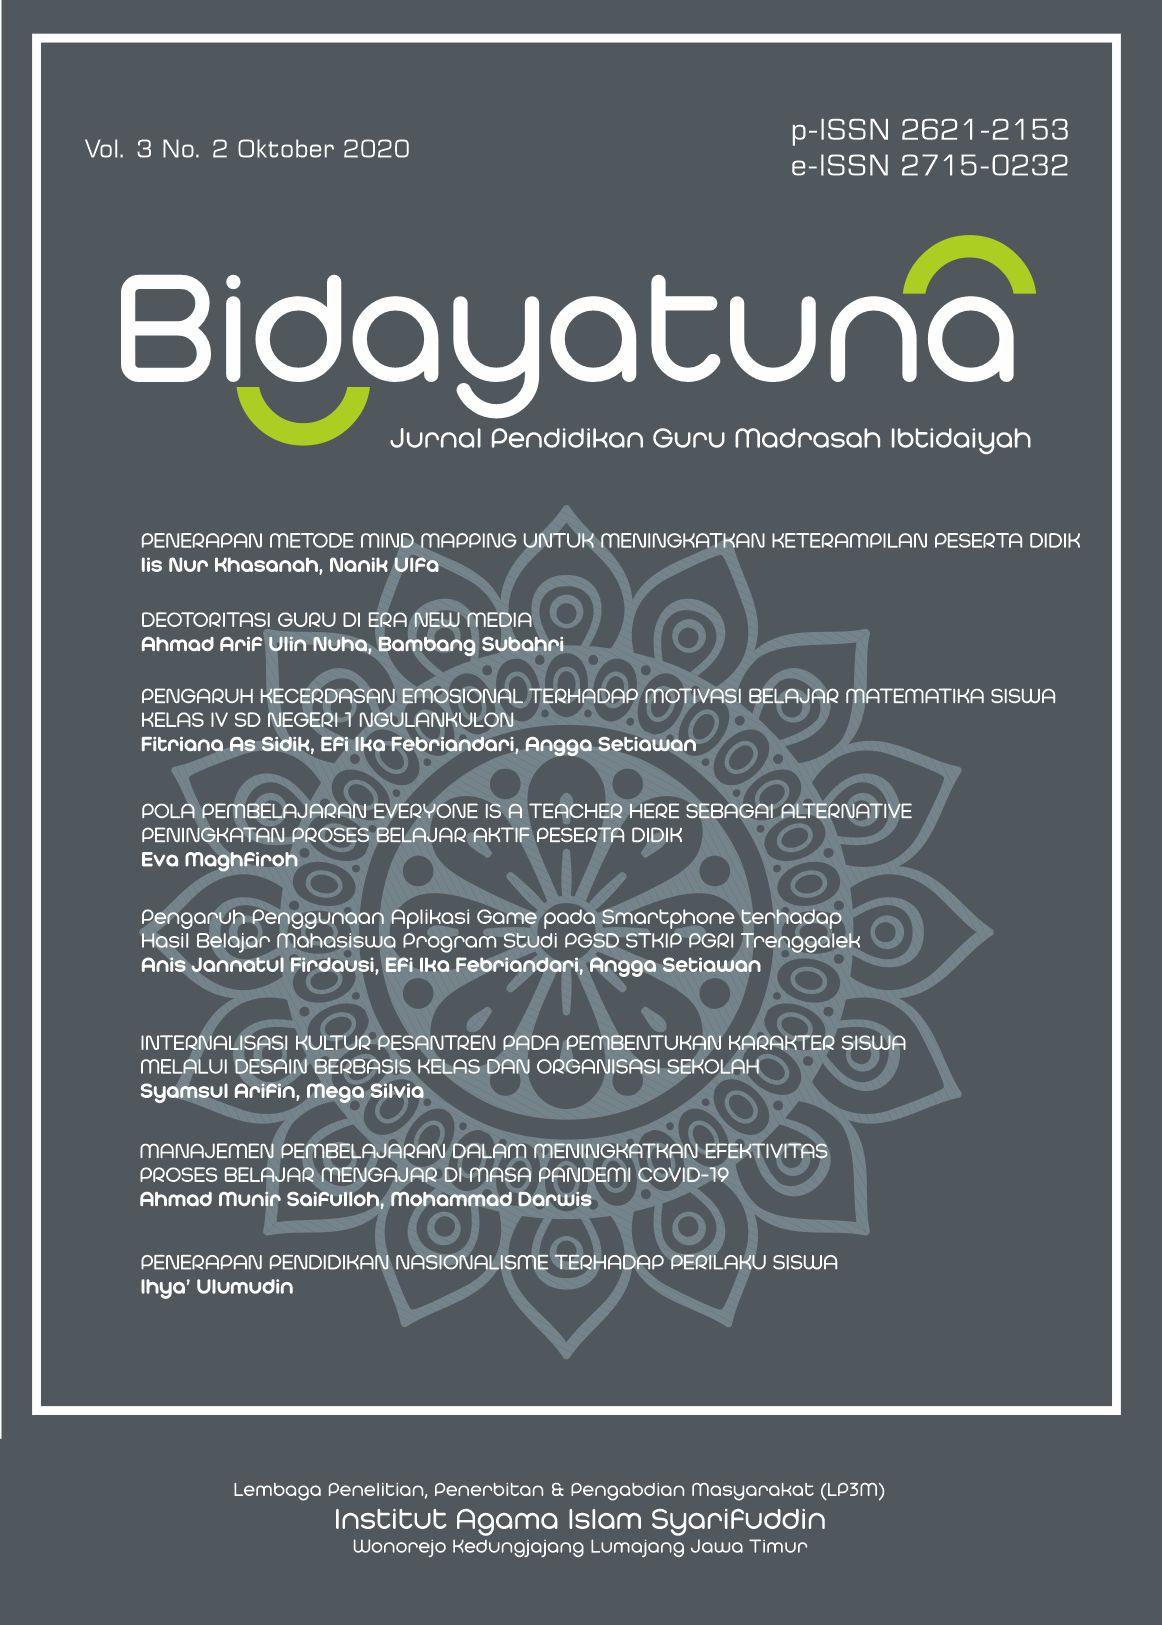 Bidayatuna: Jurnal Pendidikan Guru Madrasah Ibtidaiyah